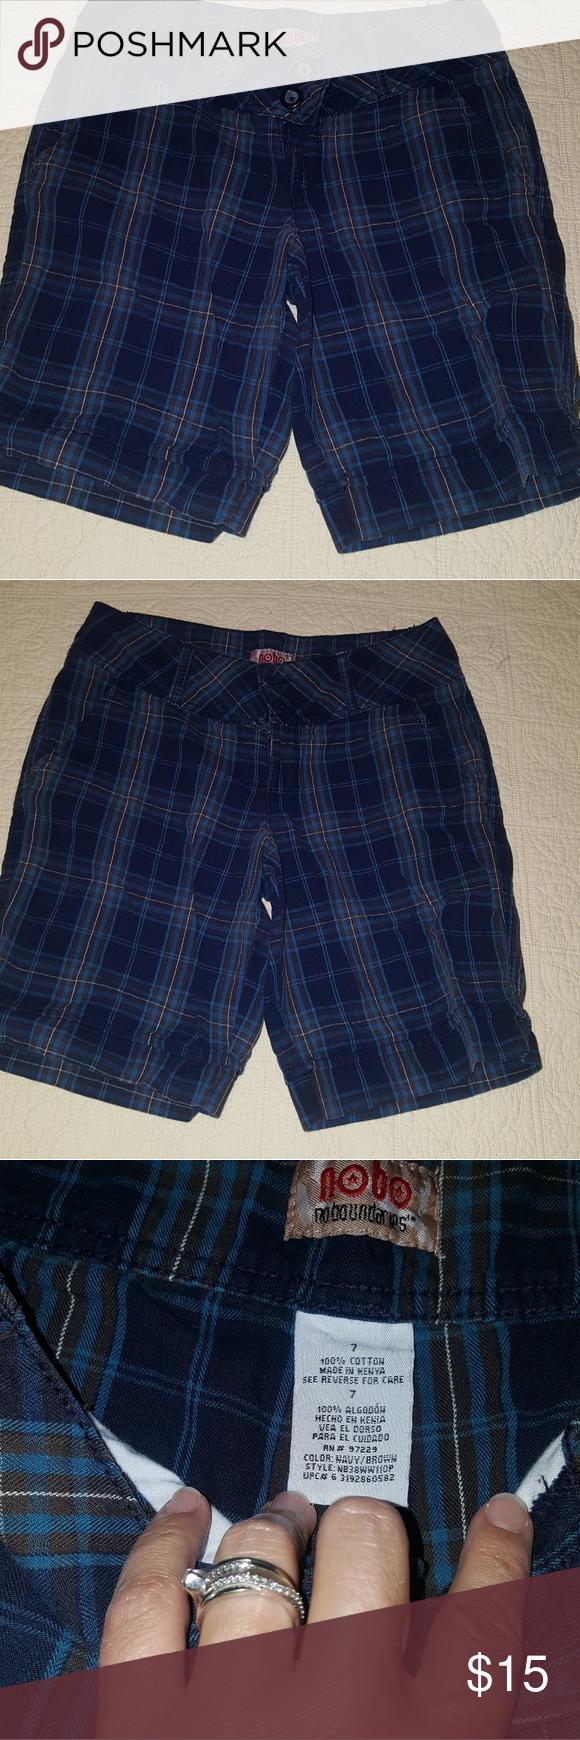 f5a56e2b77 Cute Plaid Bermuda shorts Dark blues